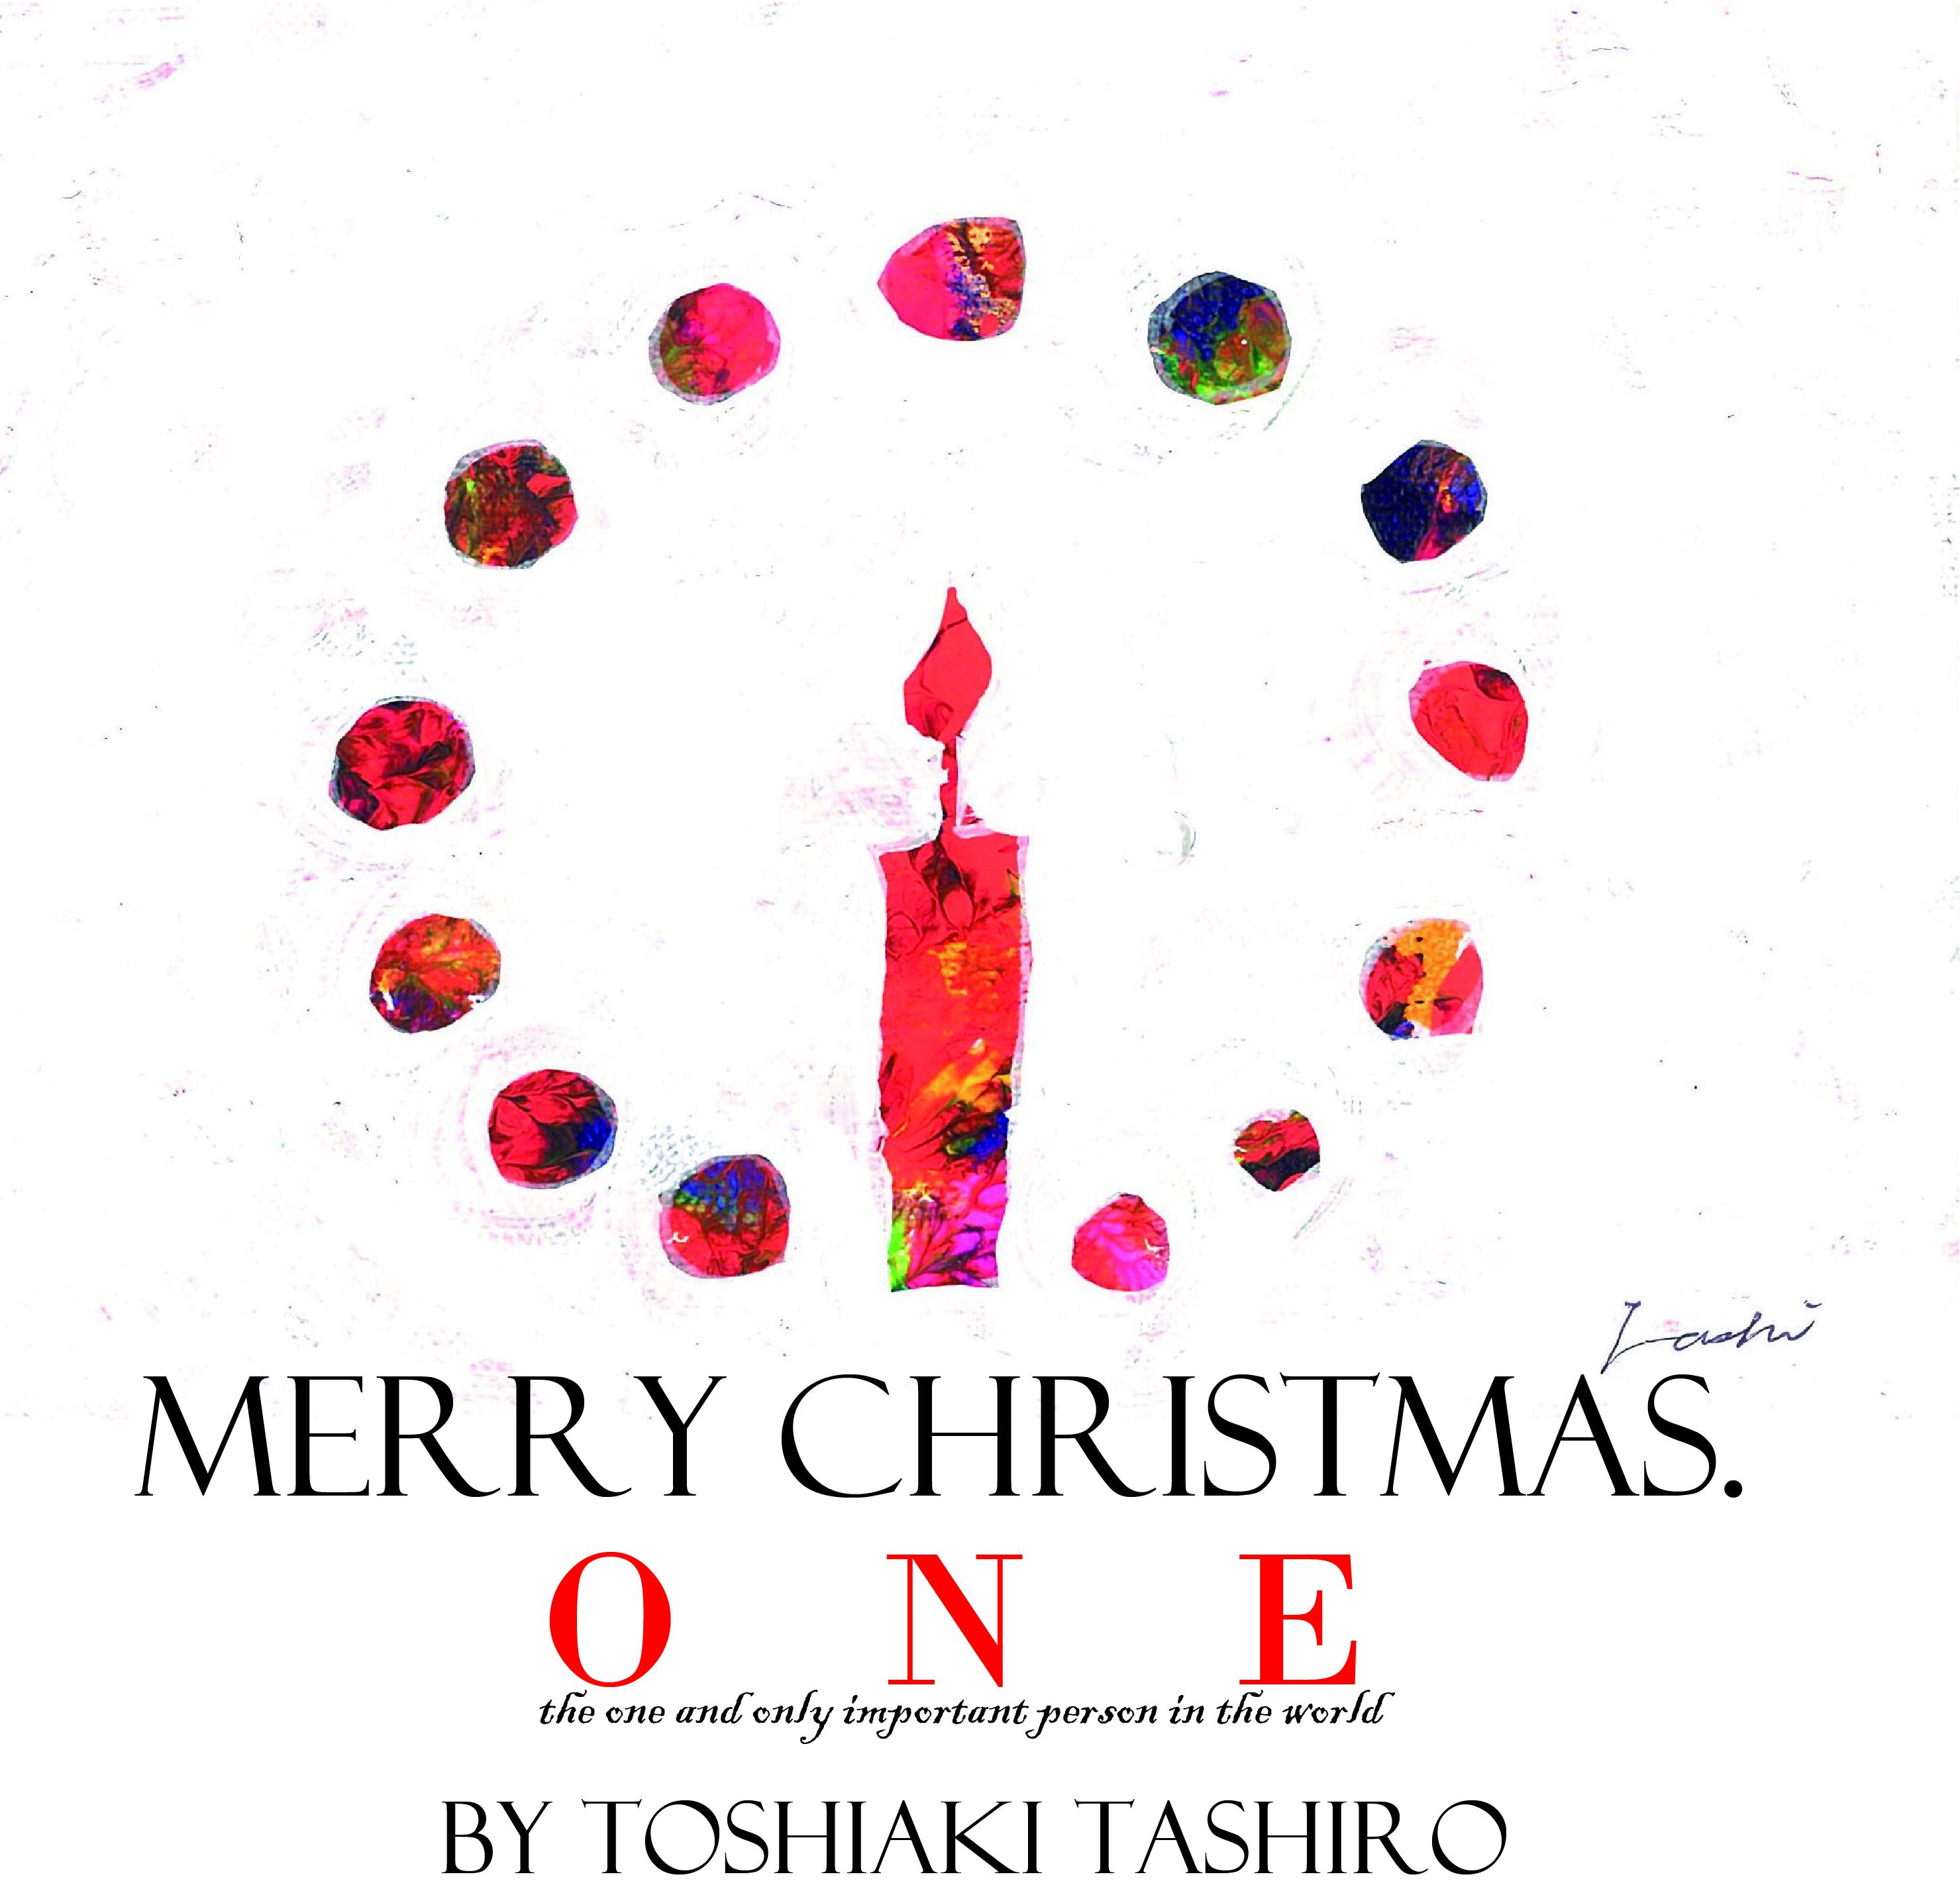 【予約商品】【10部限定】【特別価格】【原画】クリスマスギフト原画「ONE」